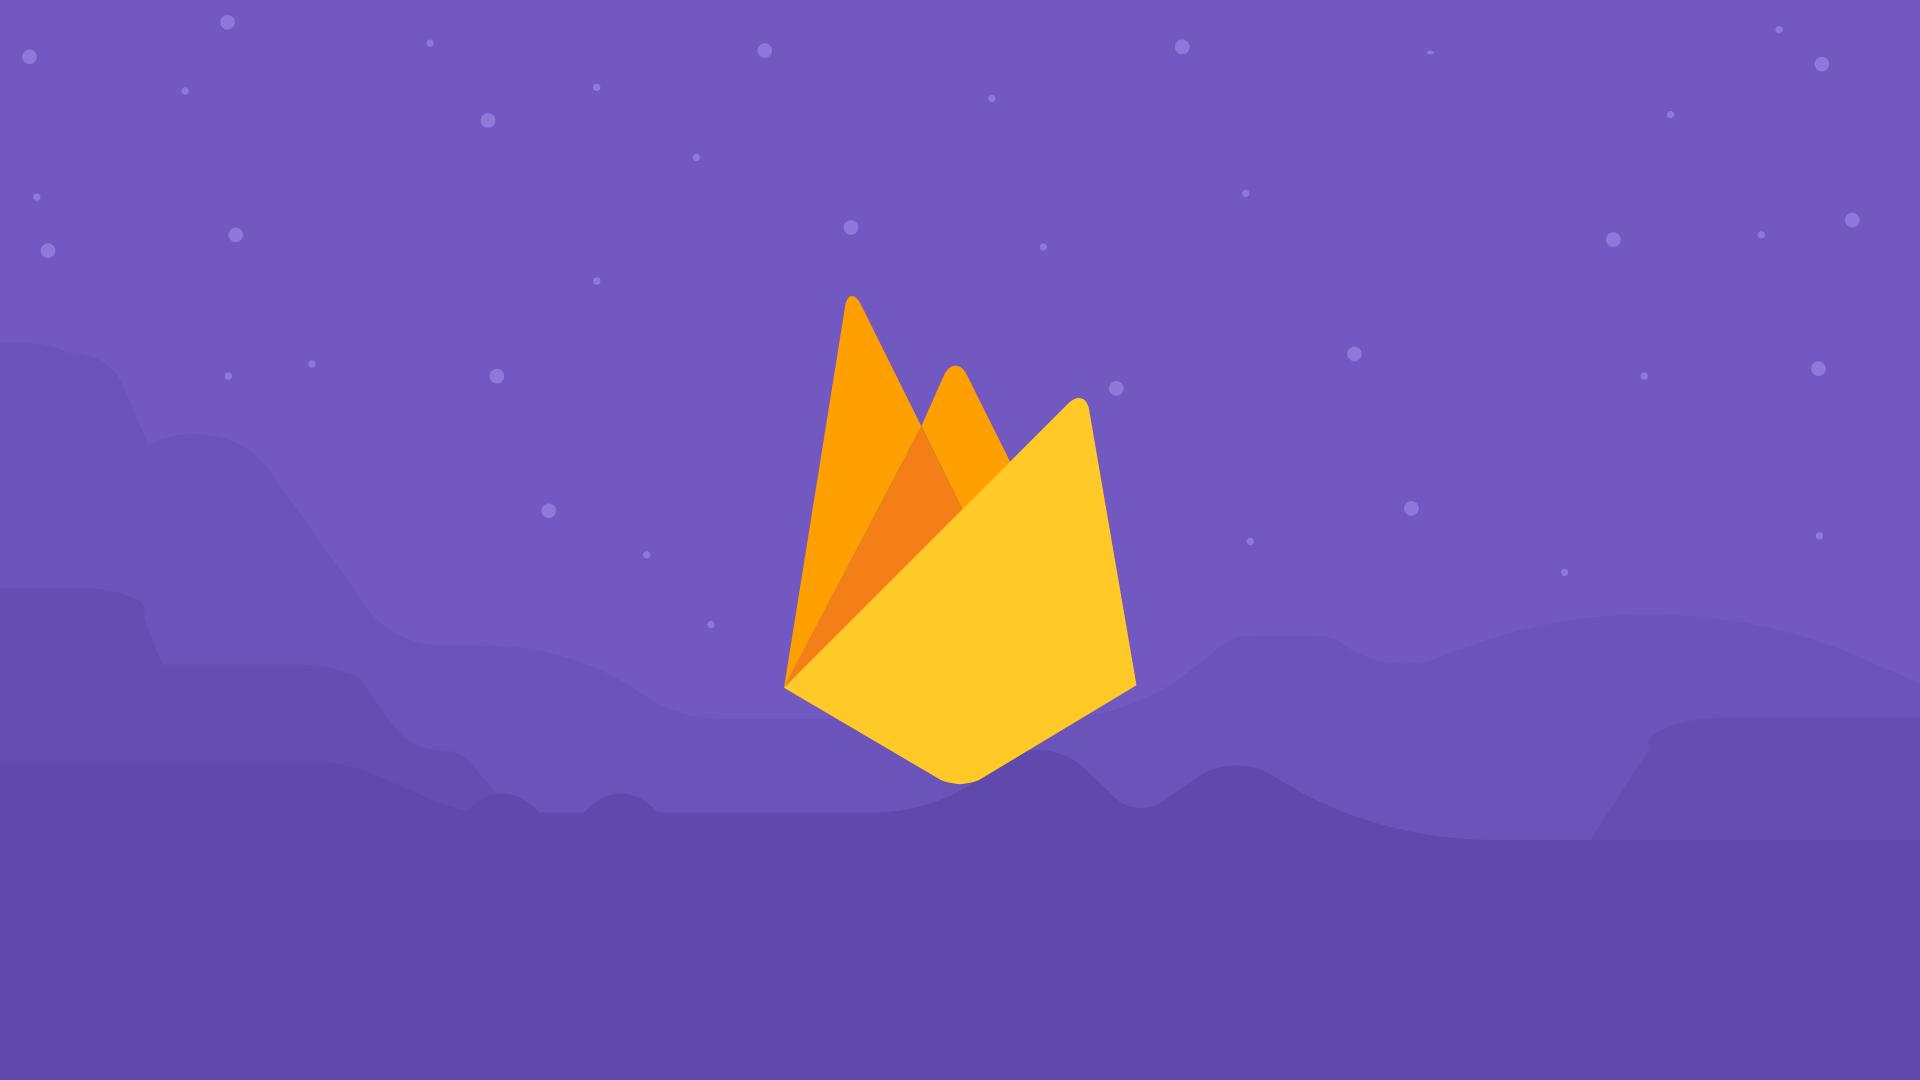 Firebase Nedir? Firebase Öğrenmek için En İyi Kaynaklar